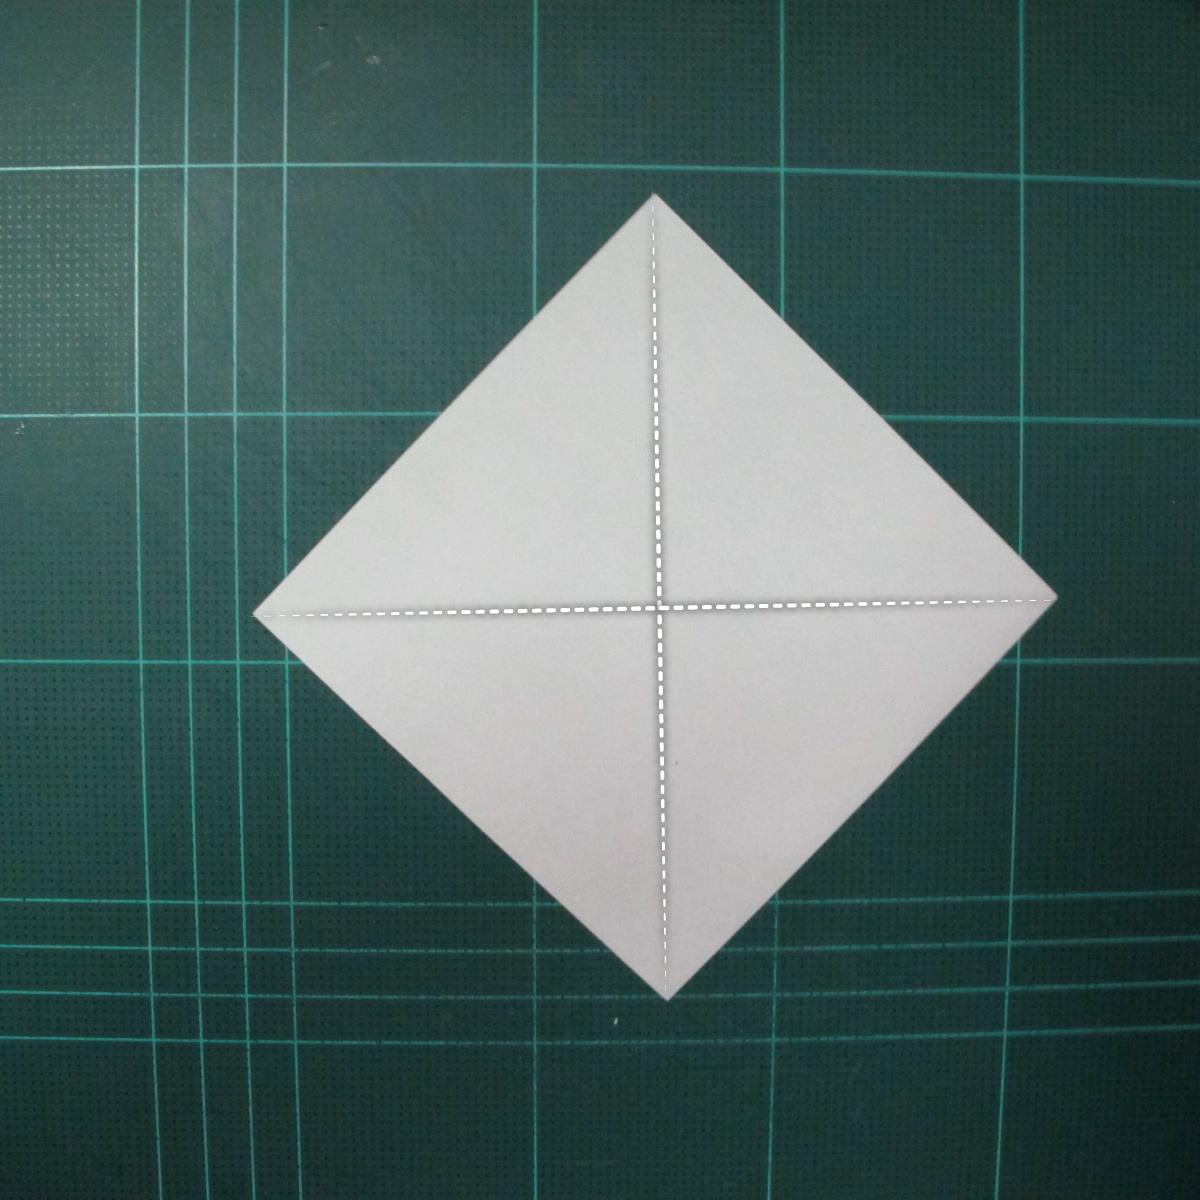 การพับกระดาษเป็นรูปแมวน้ำ (Origami Seal) 001